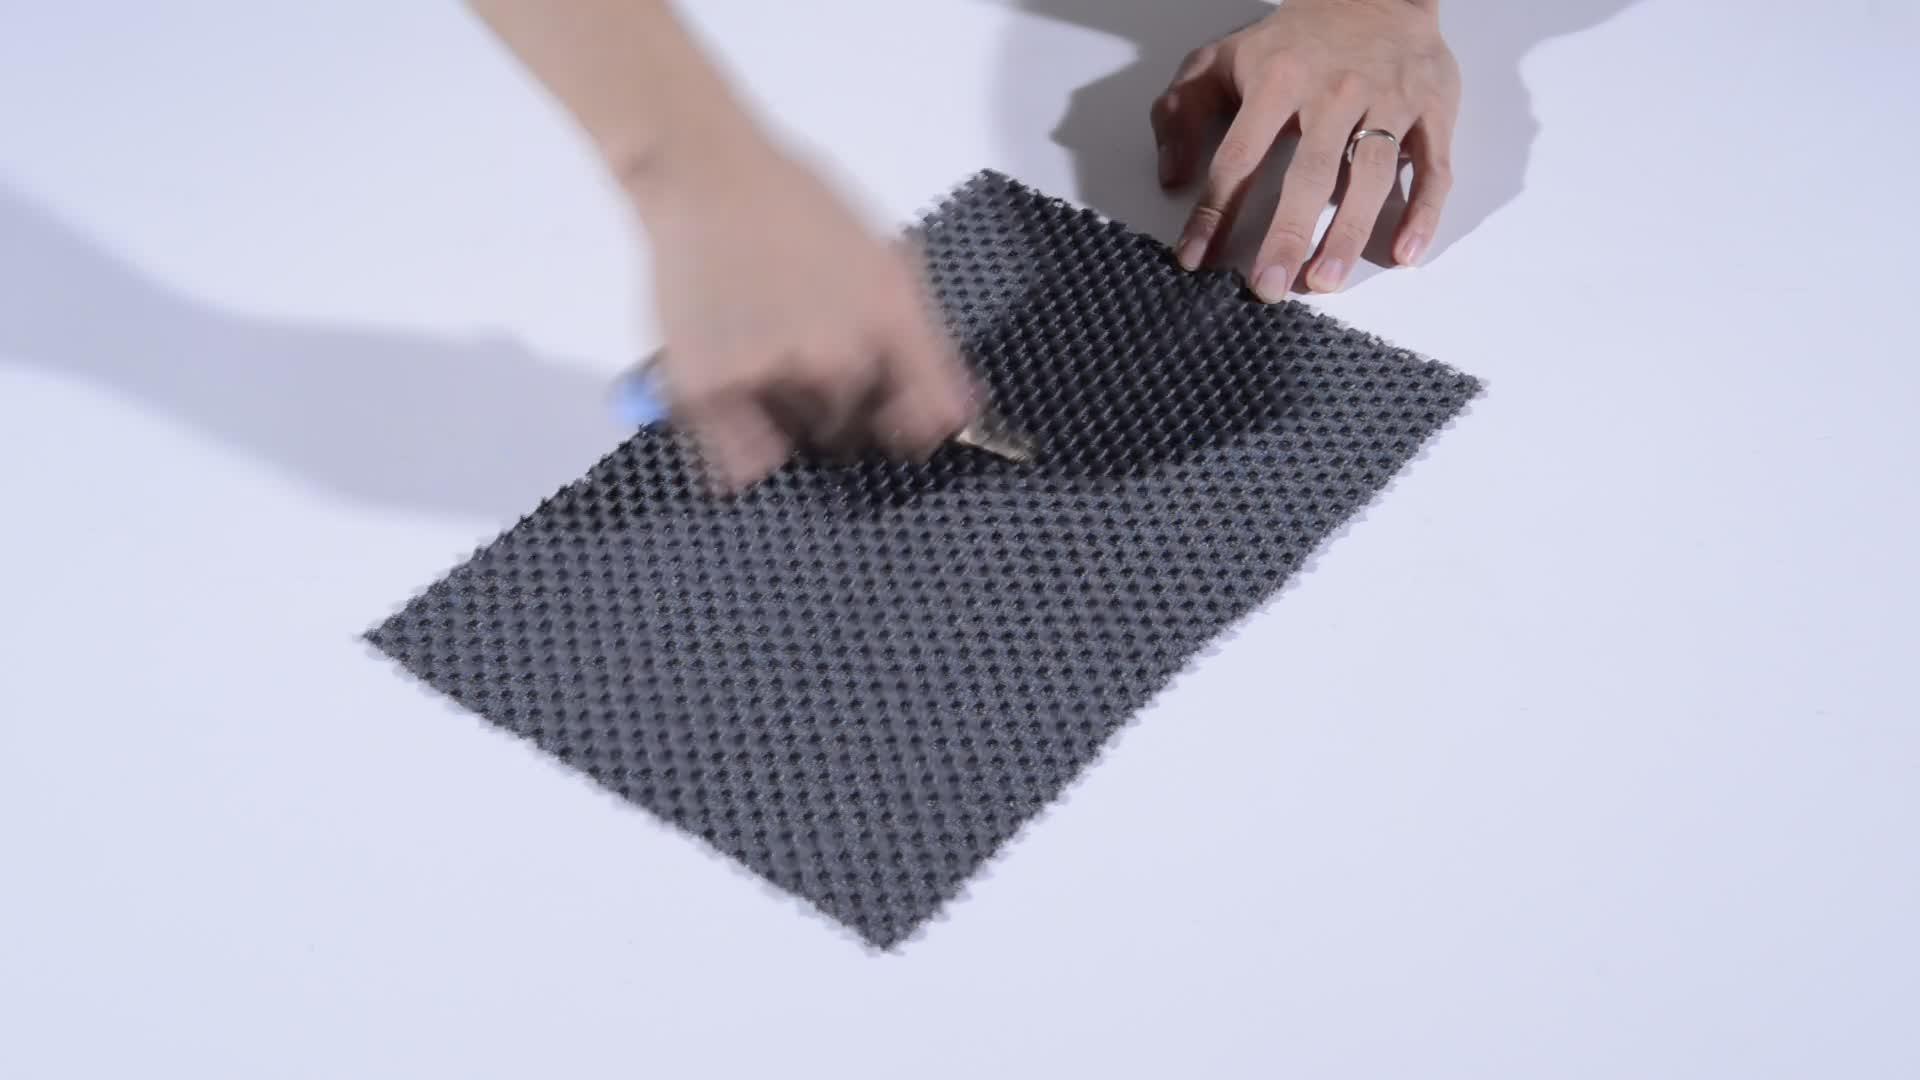 エコテックス認証洗える 3D エアメッシュ生地ベビーカーライナーベビーカークッション福建省から Anran テキスタイル技術